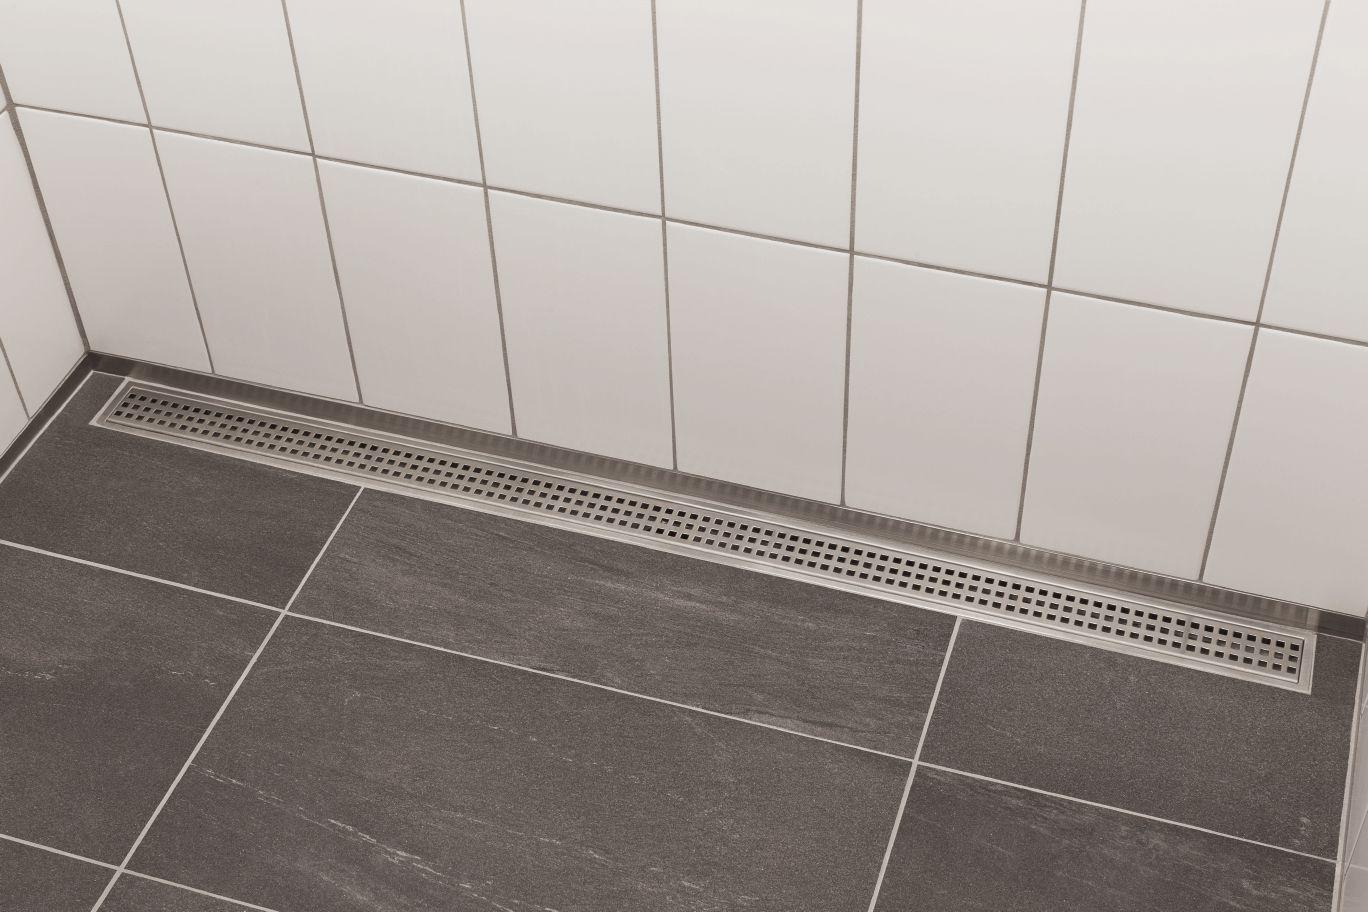 schluter kerdi line drains shower